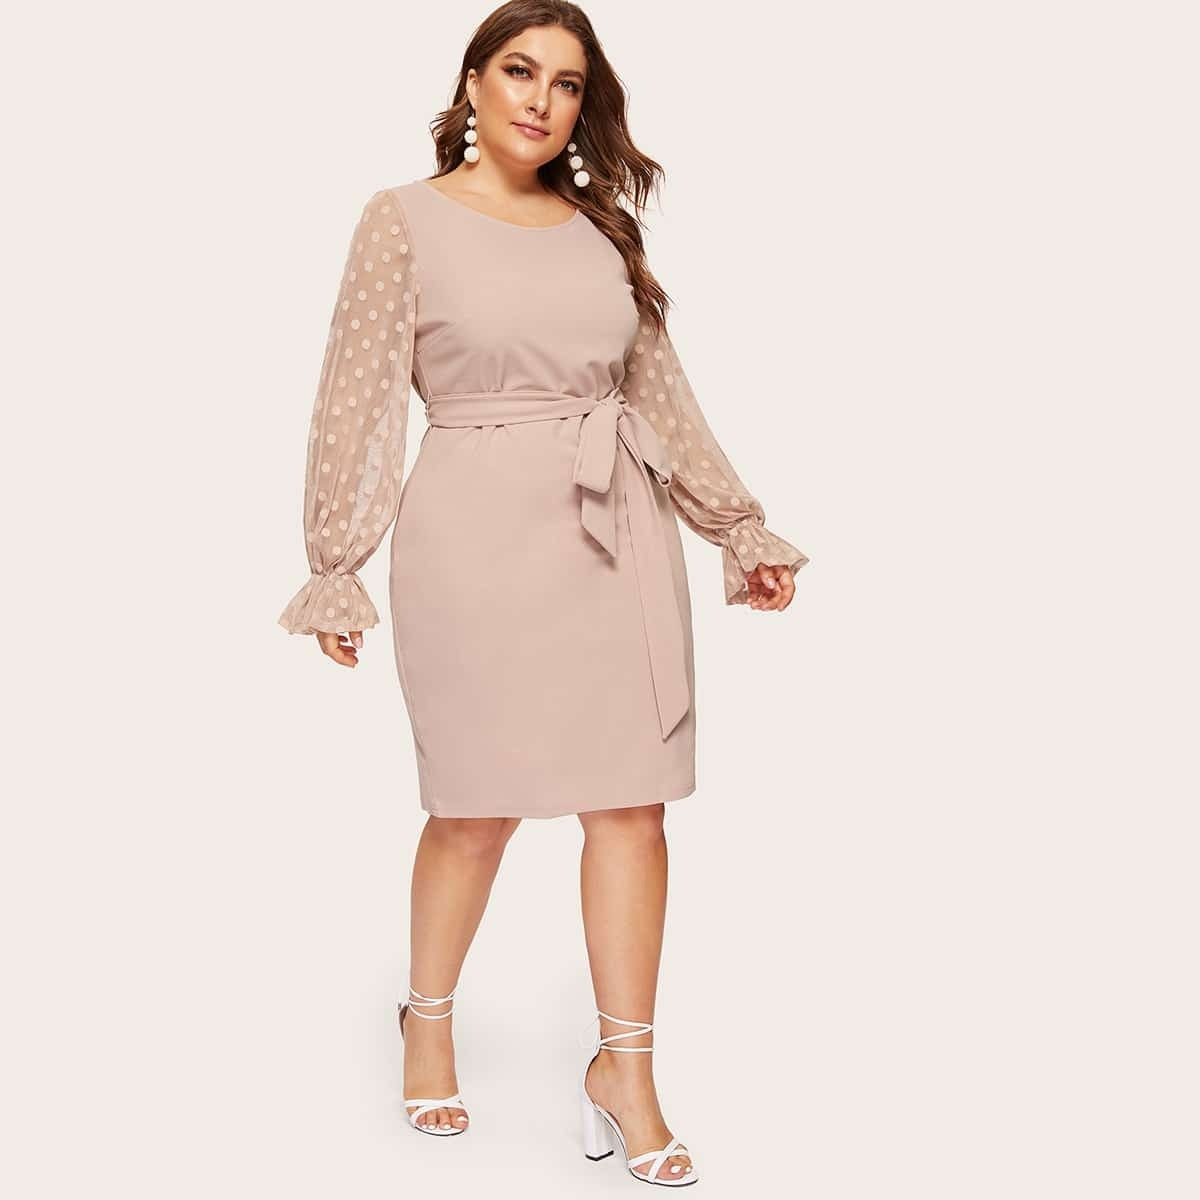 Нарядное Платье С Прозрачными Рукавами И Цветочной Аппликацией Размер Плюс